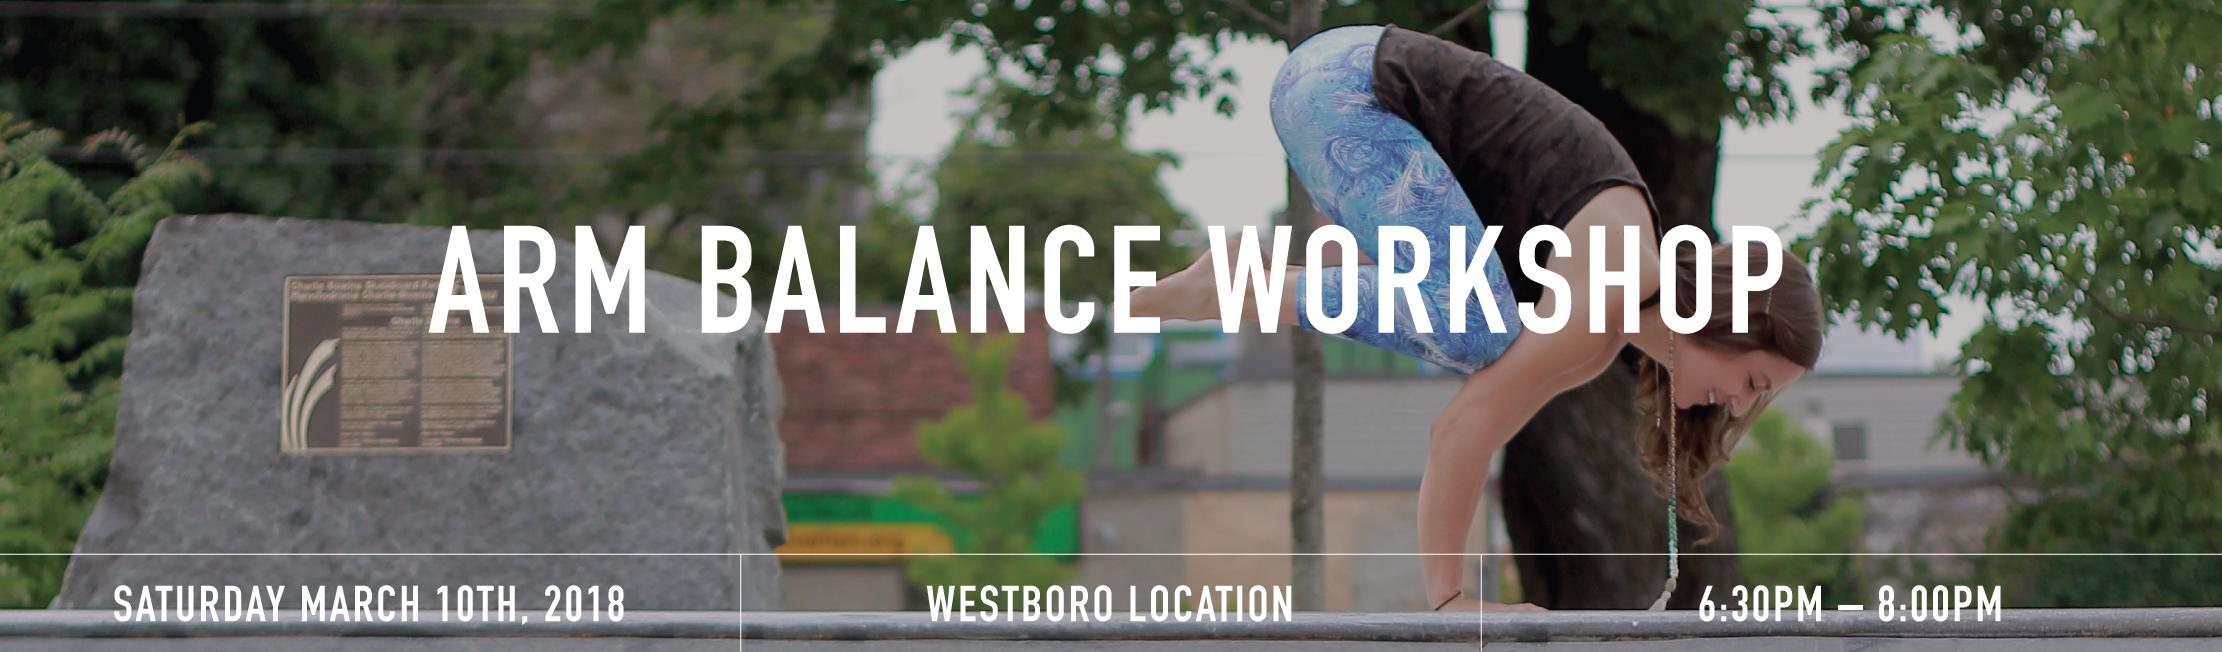 Balances workshop banner